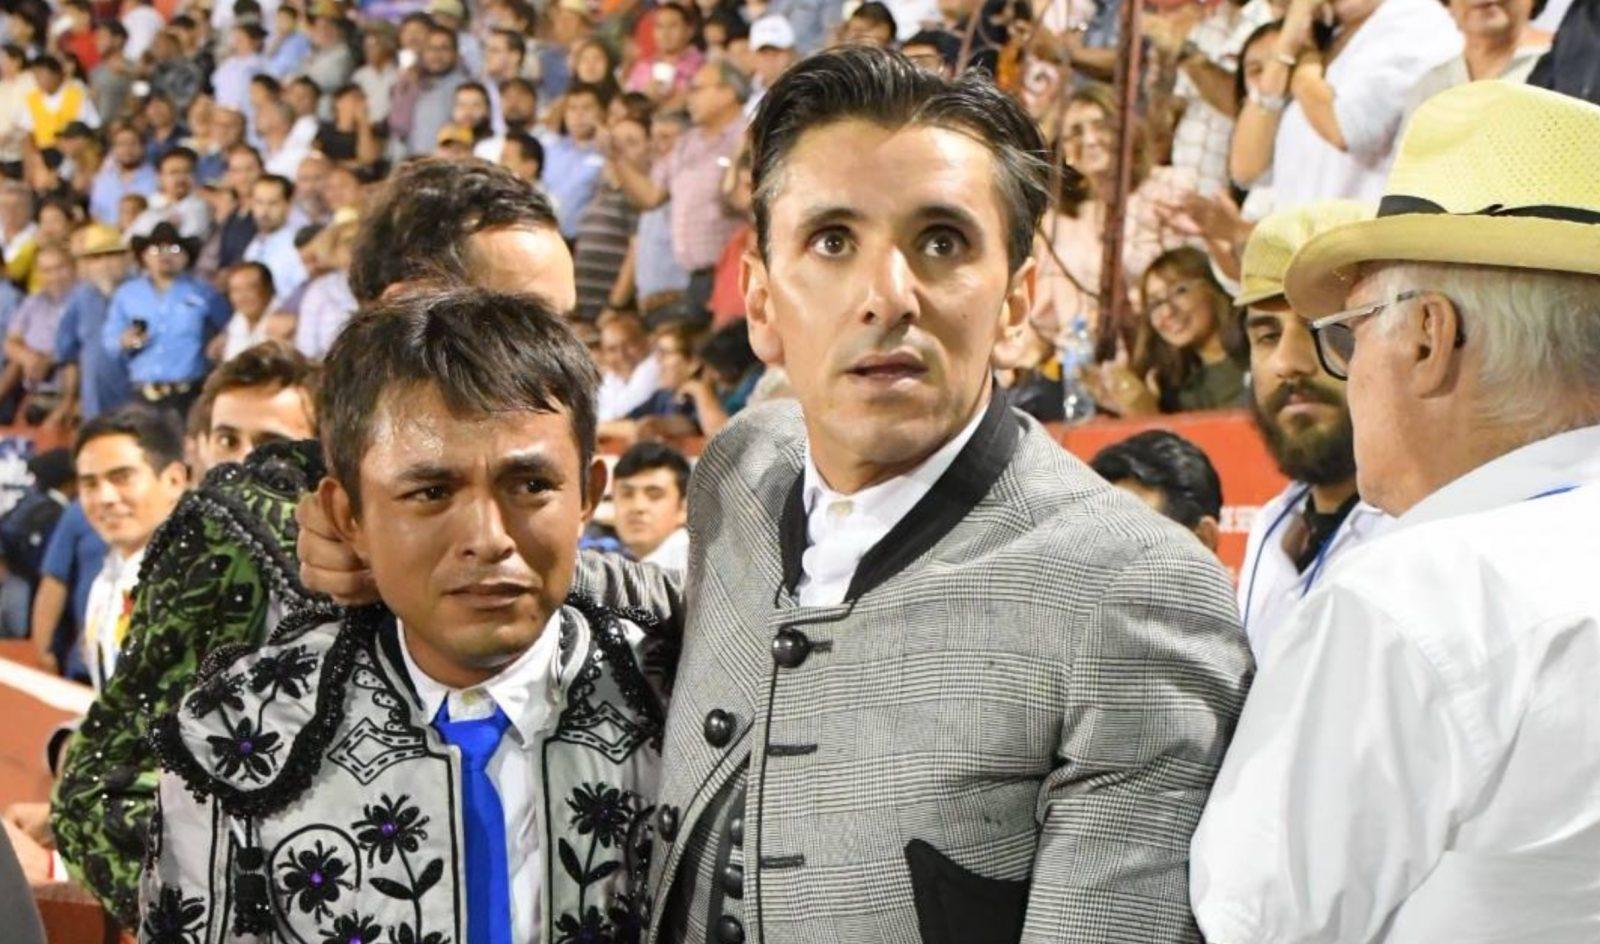 YUCATÁN (MÉXICO) (01/01/2018) – No hay billetes pour Diego Ventura – Le geste fort de Ventura qui offre un novillo à Roberto Balladares El Zorrillo pour sa prochaine corrida